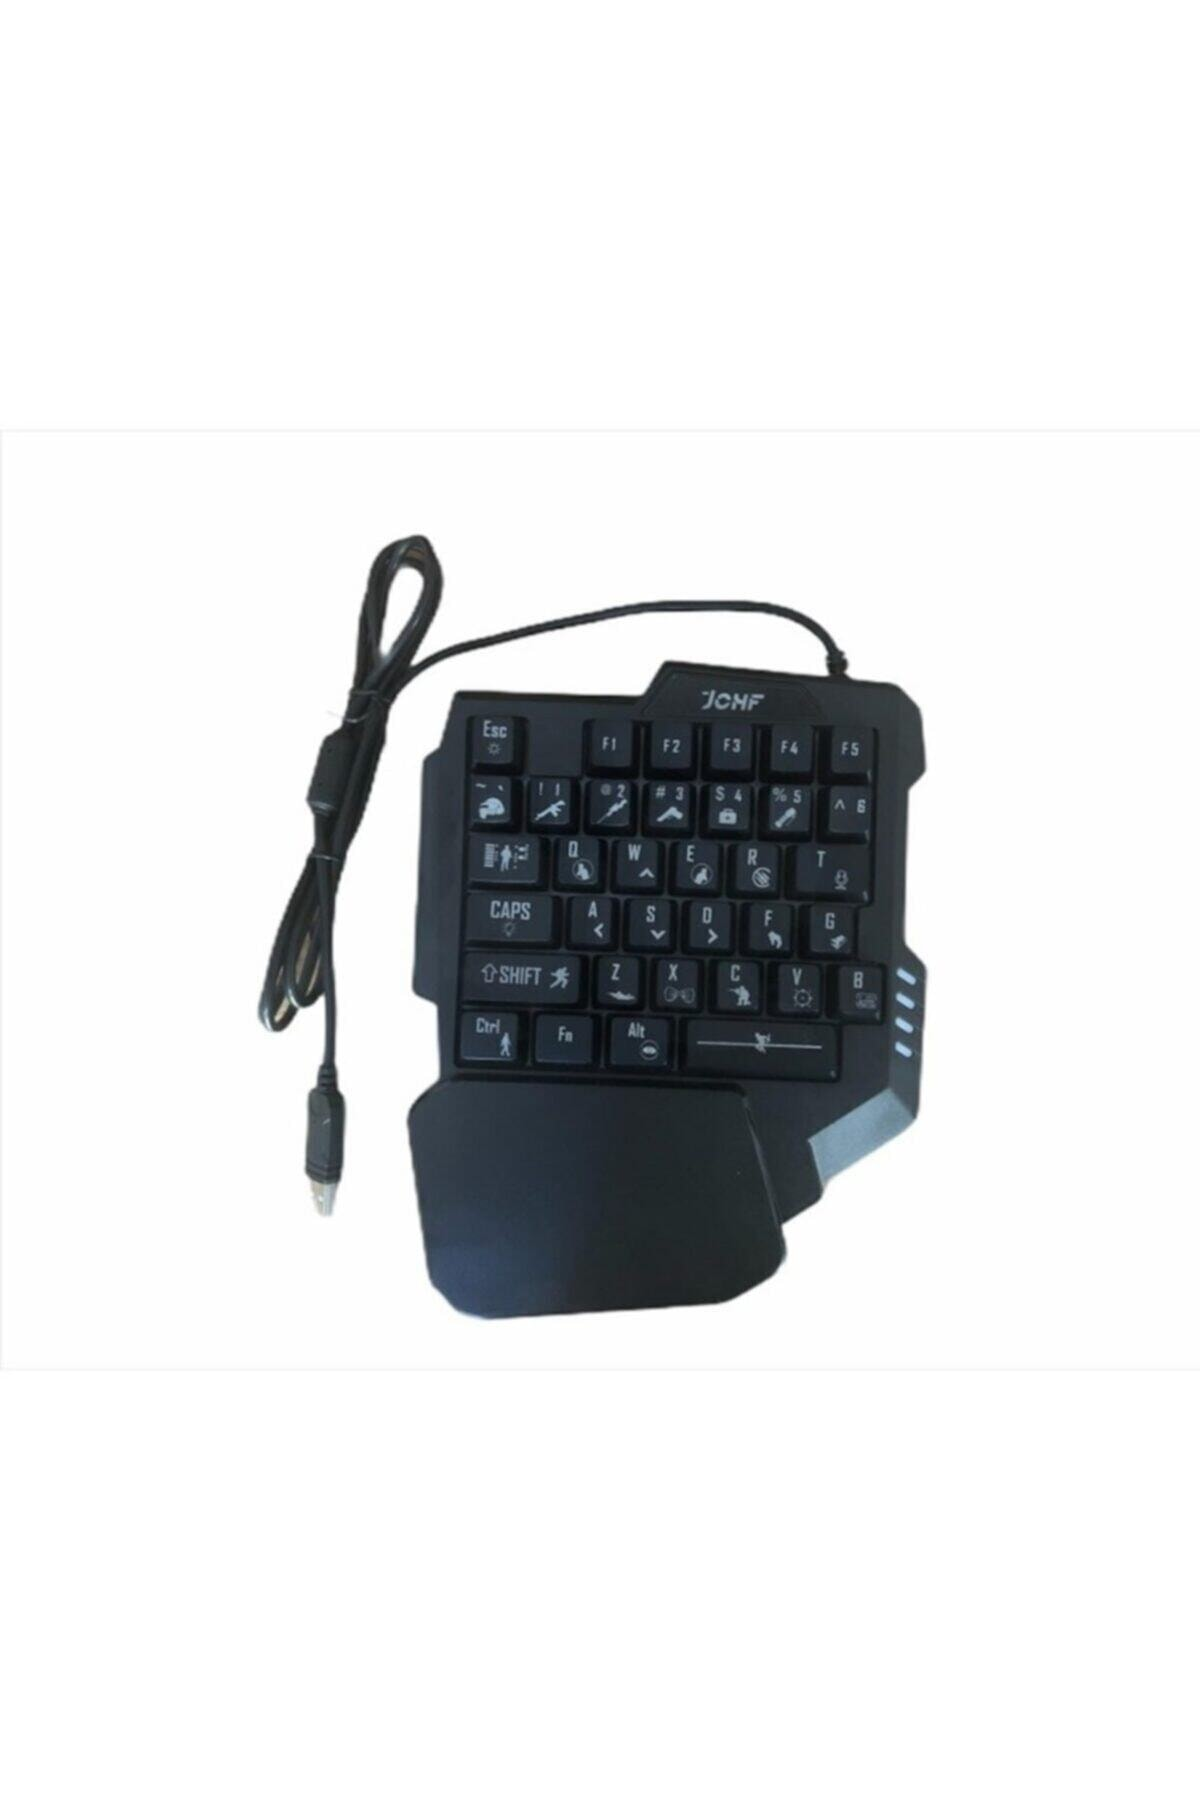 thorqtech Pubg Oyun Konsolu 3 In1 Klavye Mouse Bağlayıcı Pubg Klavye Mouse Seti 2